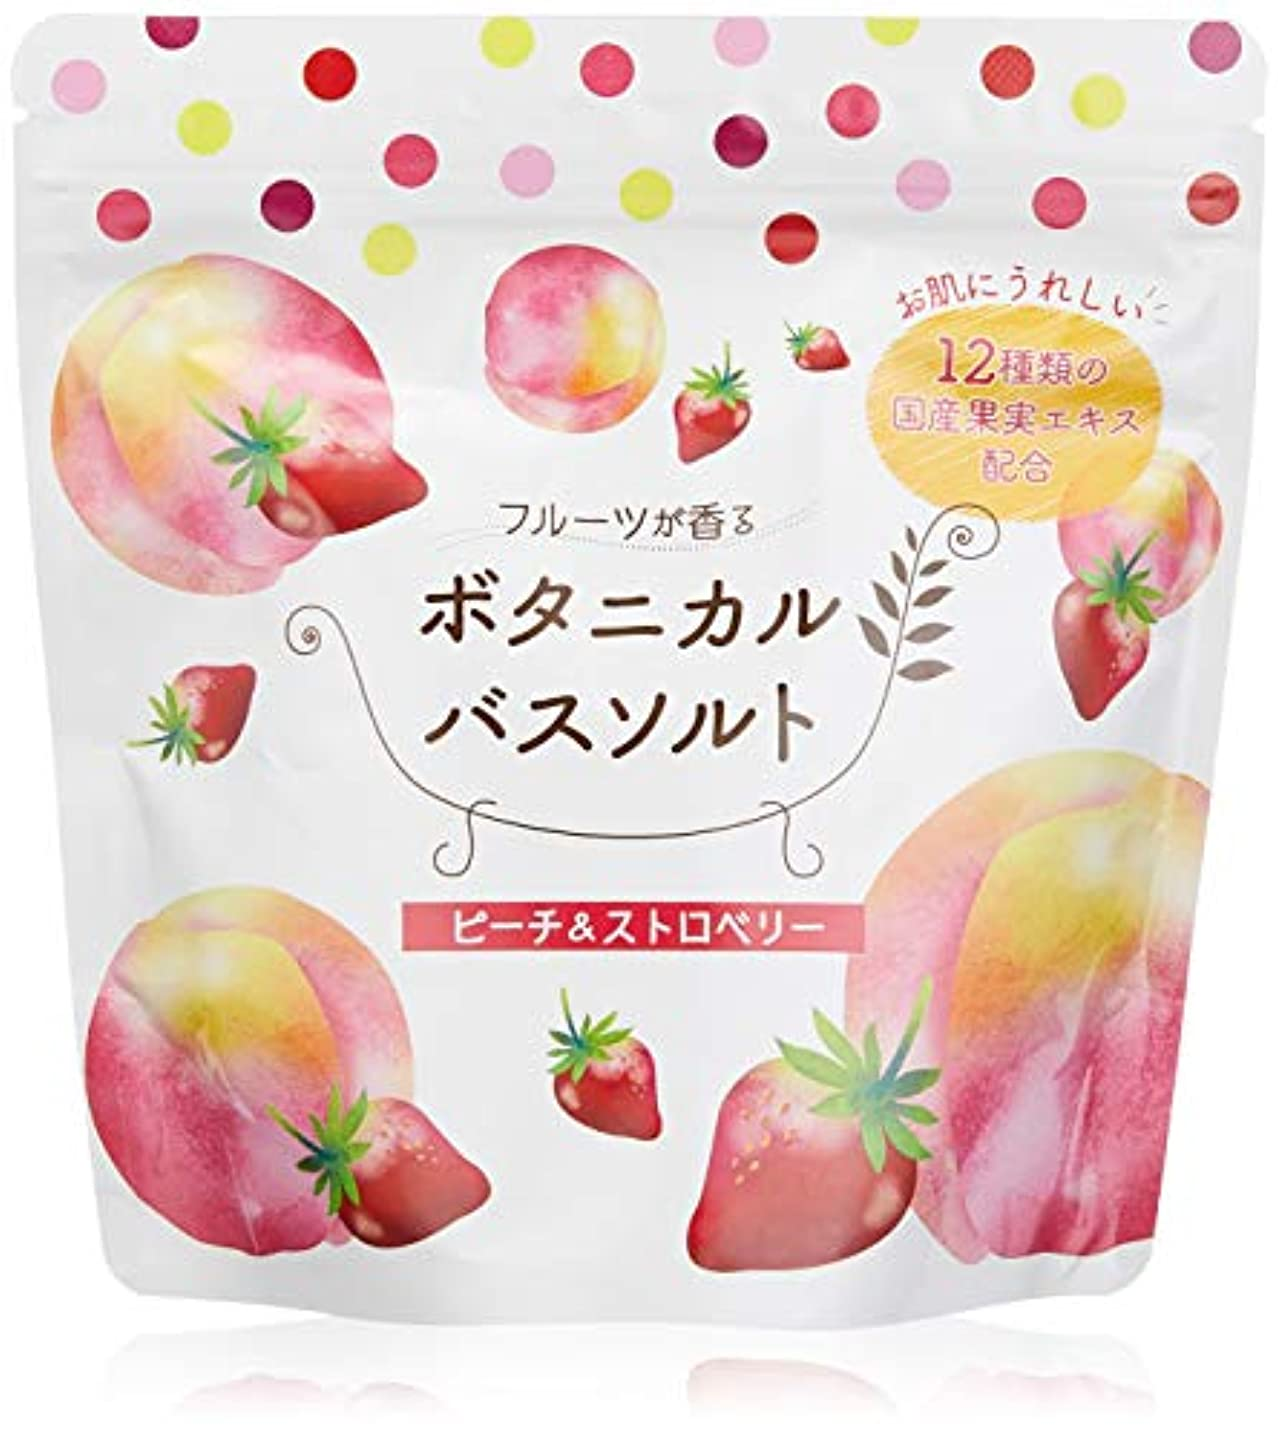 松田医薬品 フルーツが香るボタニカルバスソルト ピーチ&ストロベリー 450g